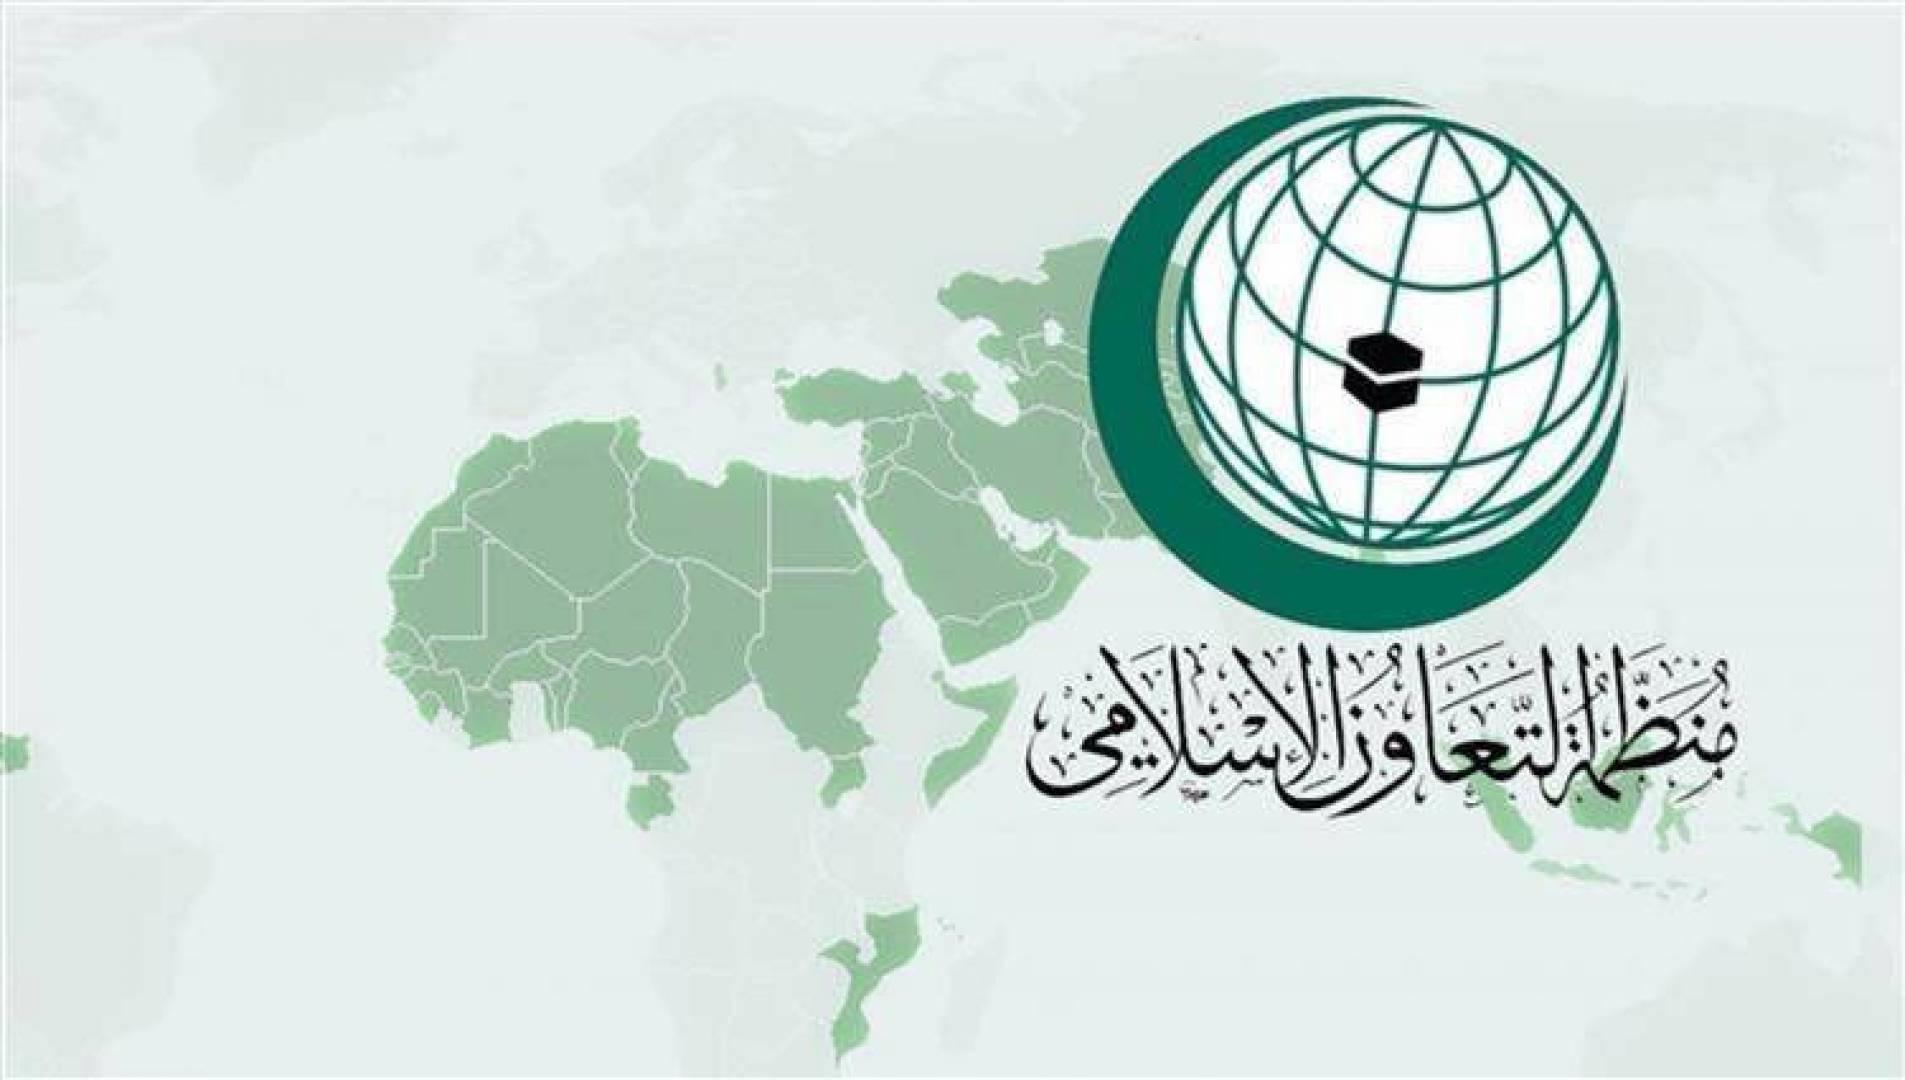 «التعاون الإسلامي» تؤيد بيان السعودية بشأن تقرير الكونغرس عن جمال خاشقجي